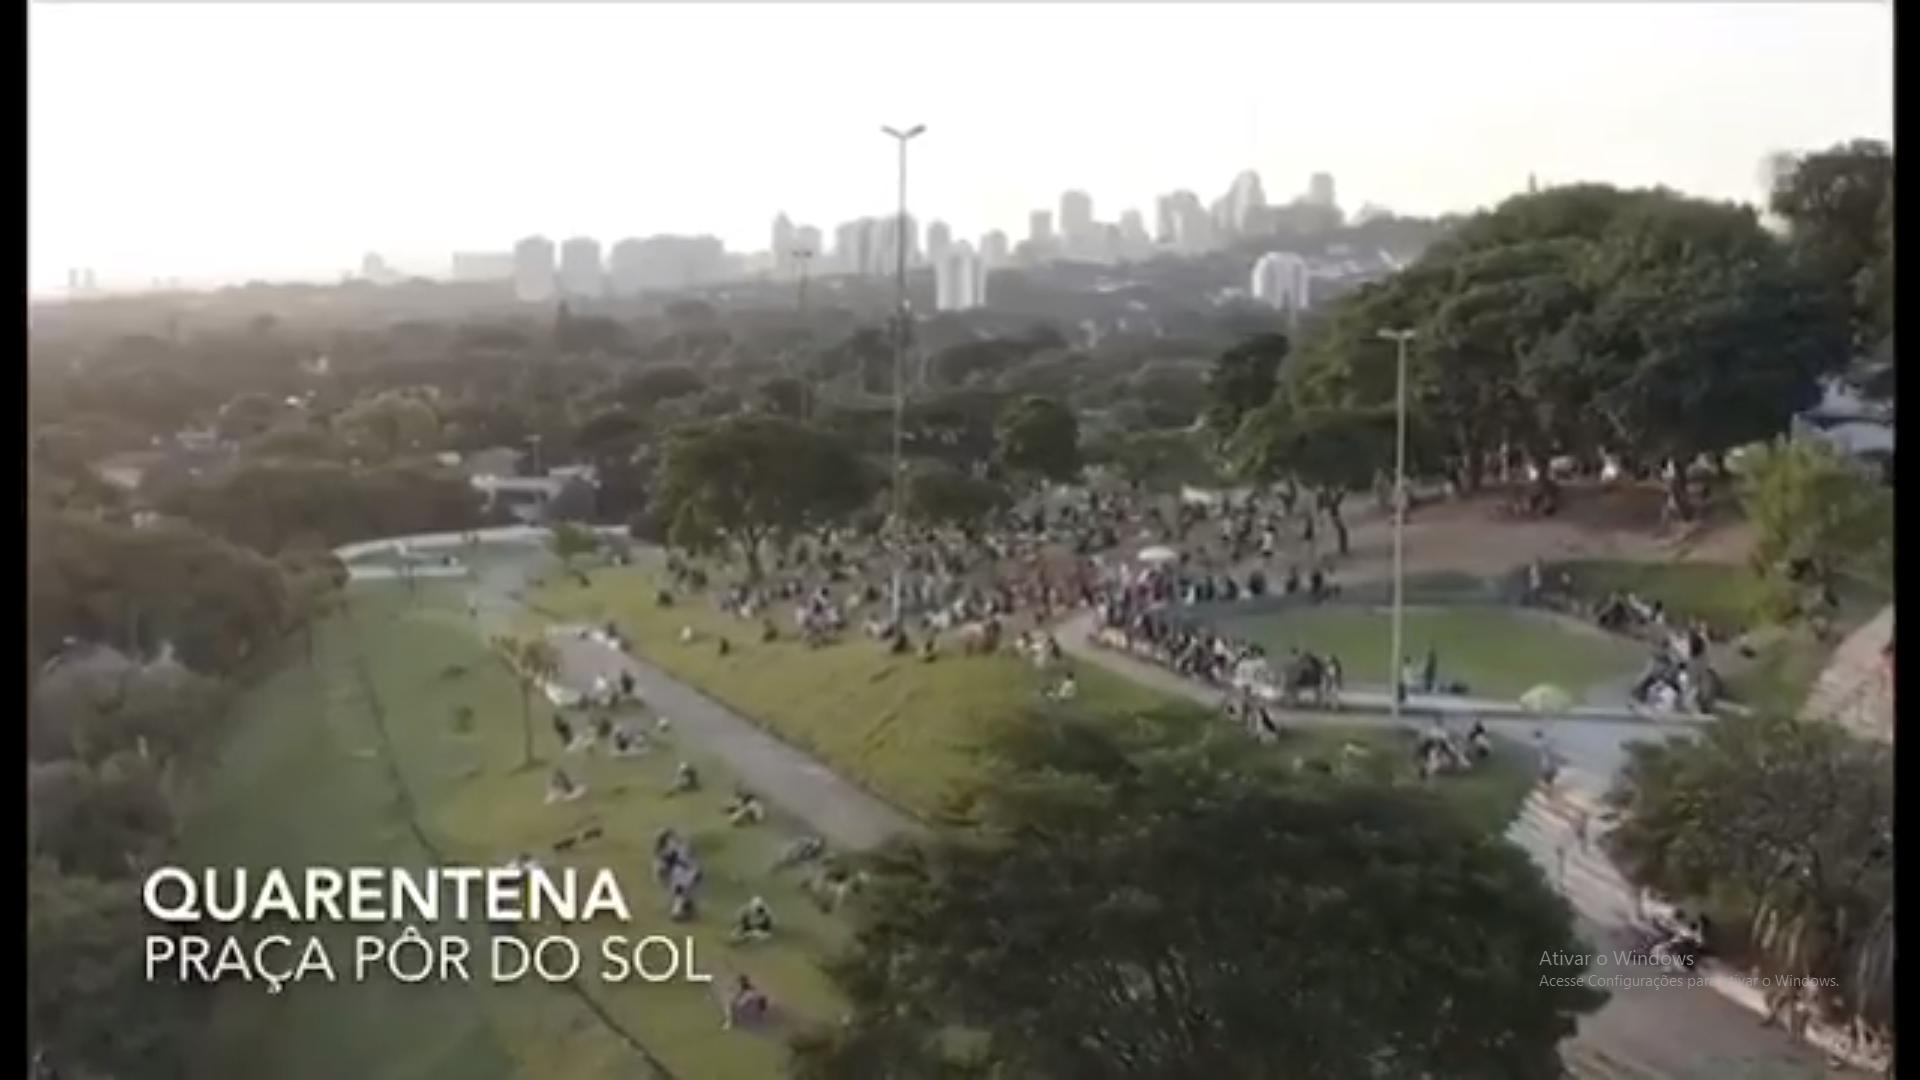 Praça Por do Sol dia 05 de abril - Quarentena: Drone regista imagens da praça do Pôr do Sol na capital de SP e aparece LOTADA DE PESSOAS